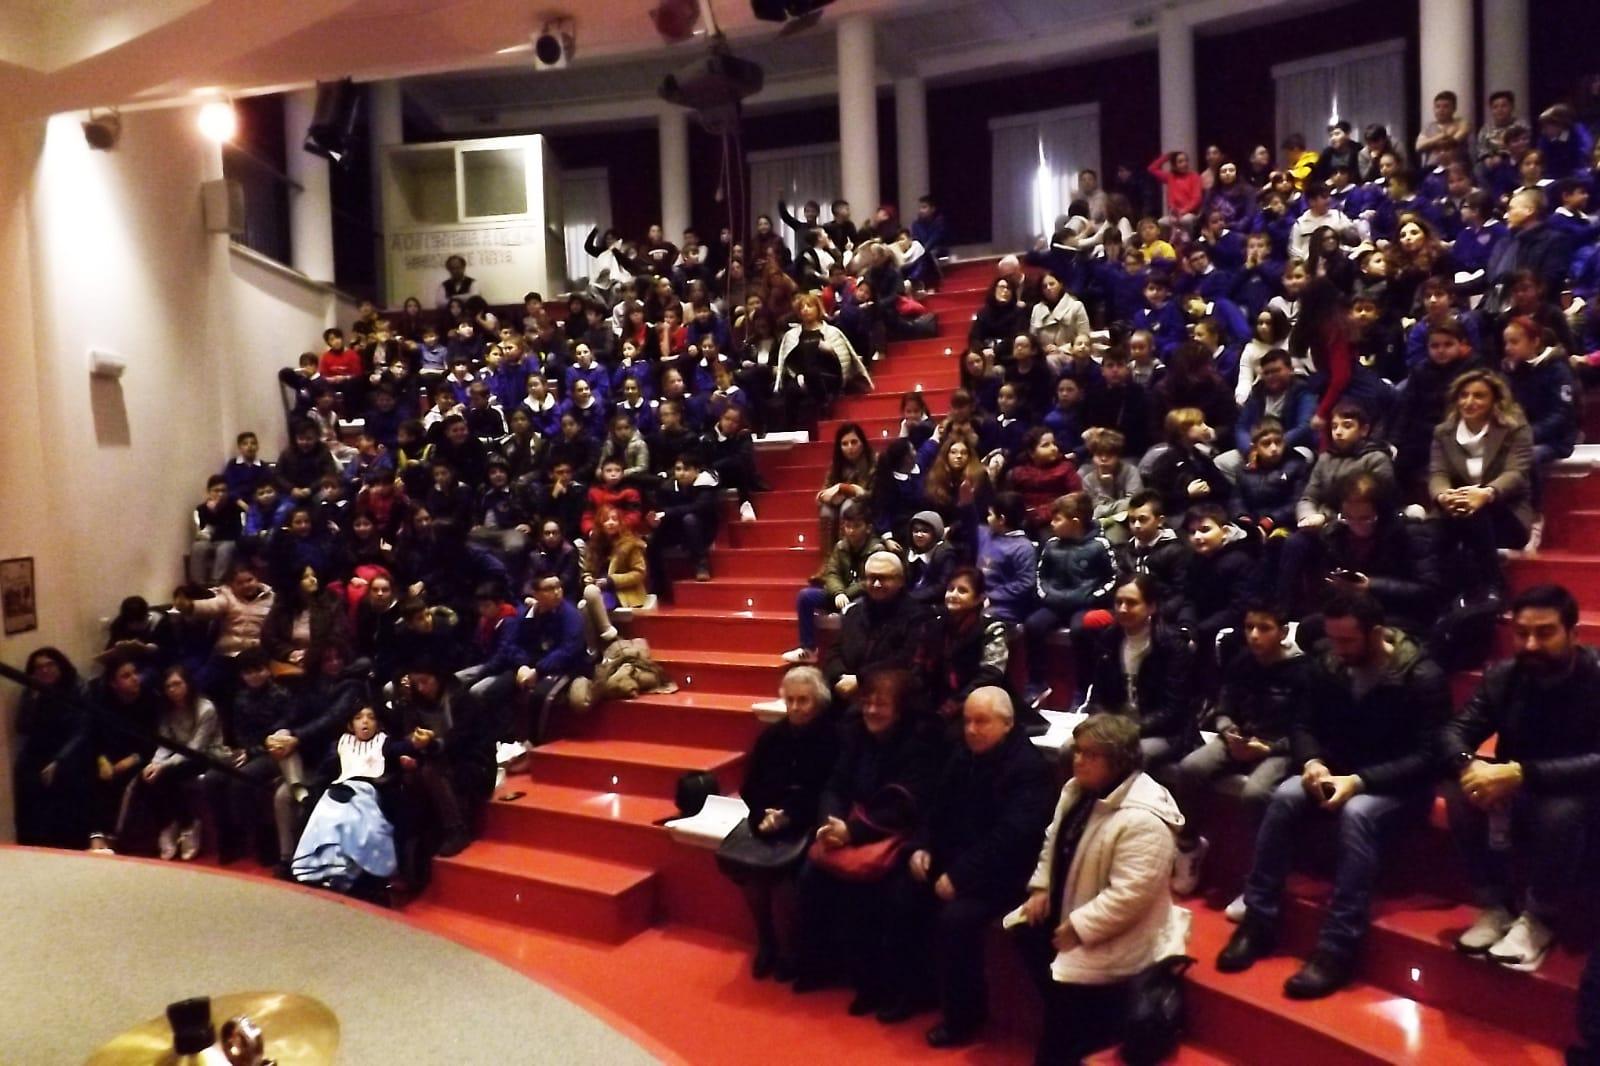 teatro_2020-02-15-at-02.03.09